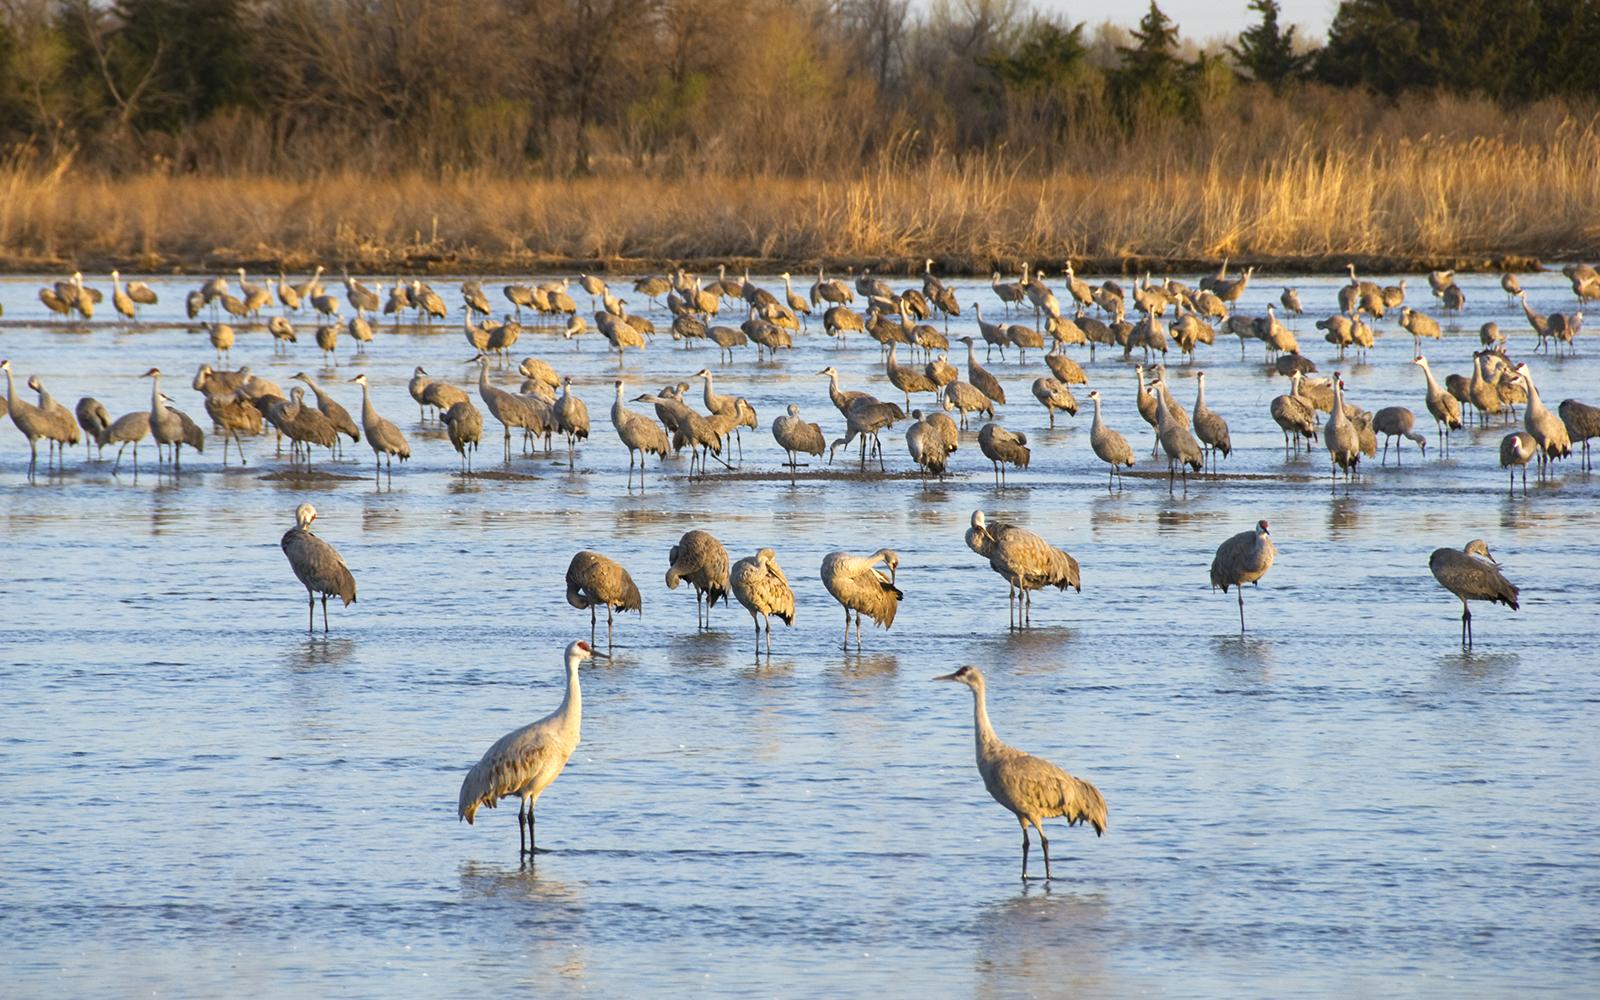 Cranes in water